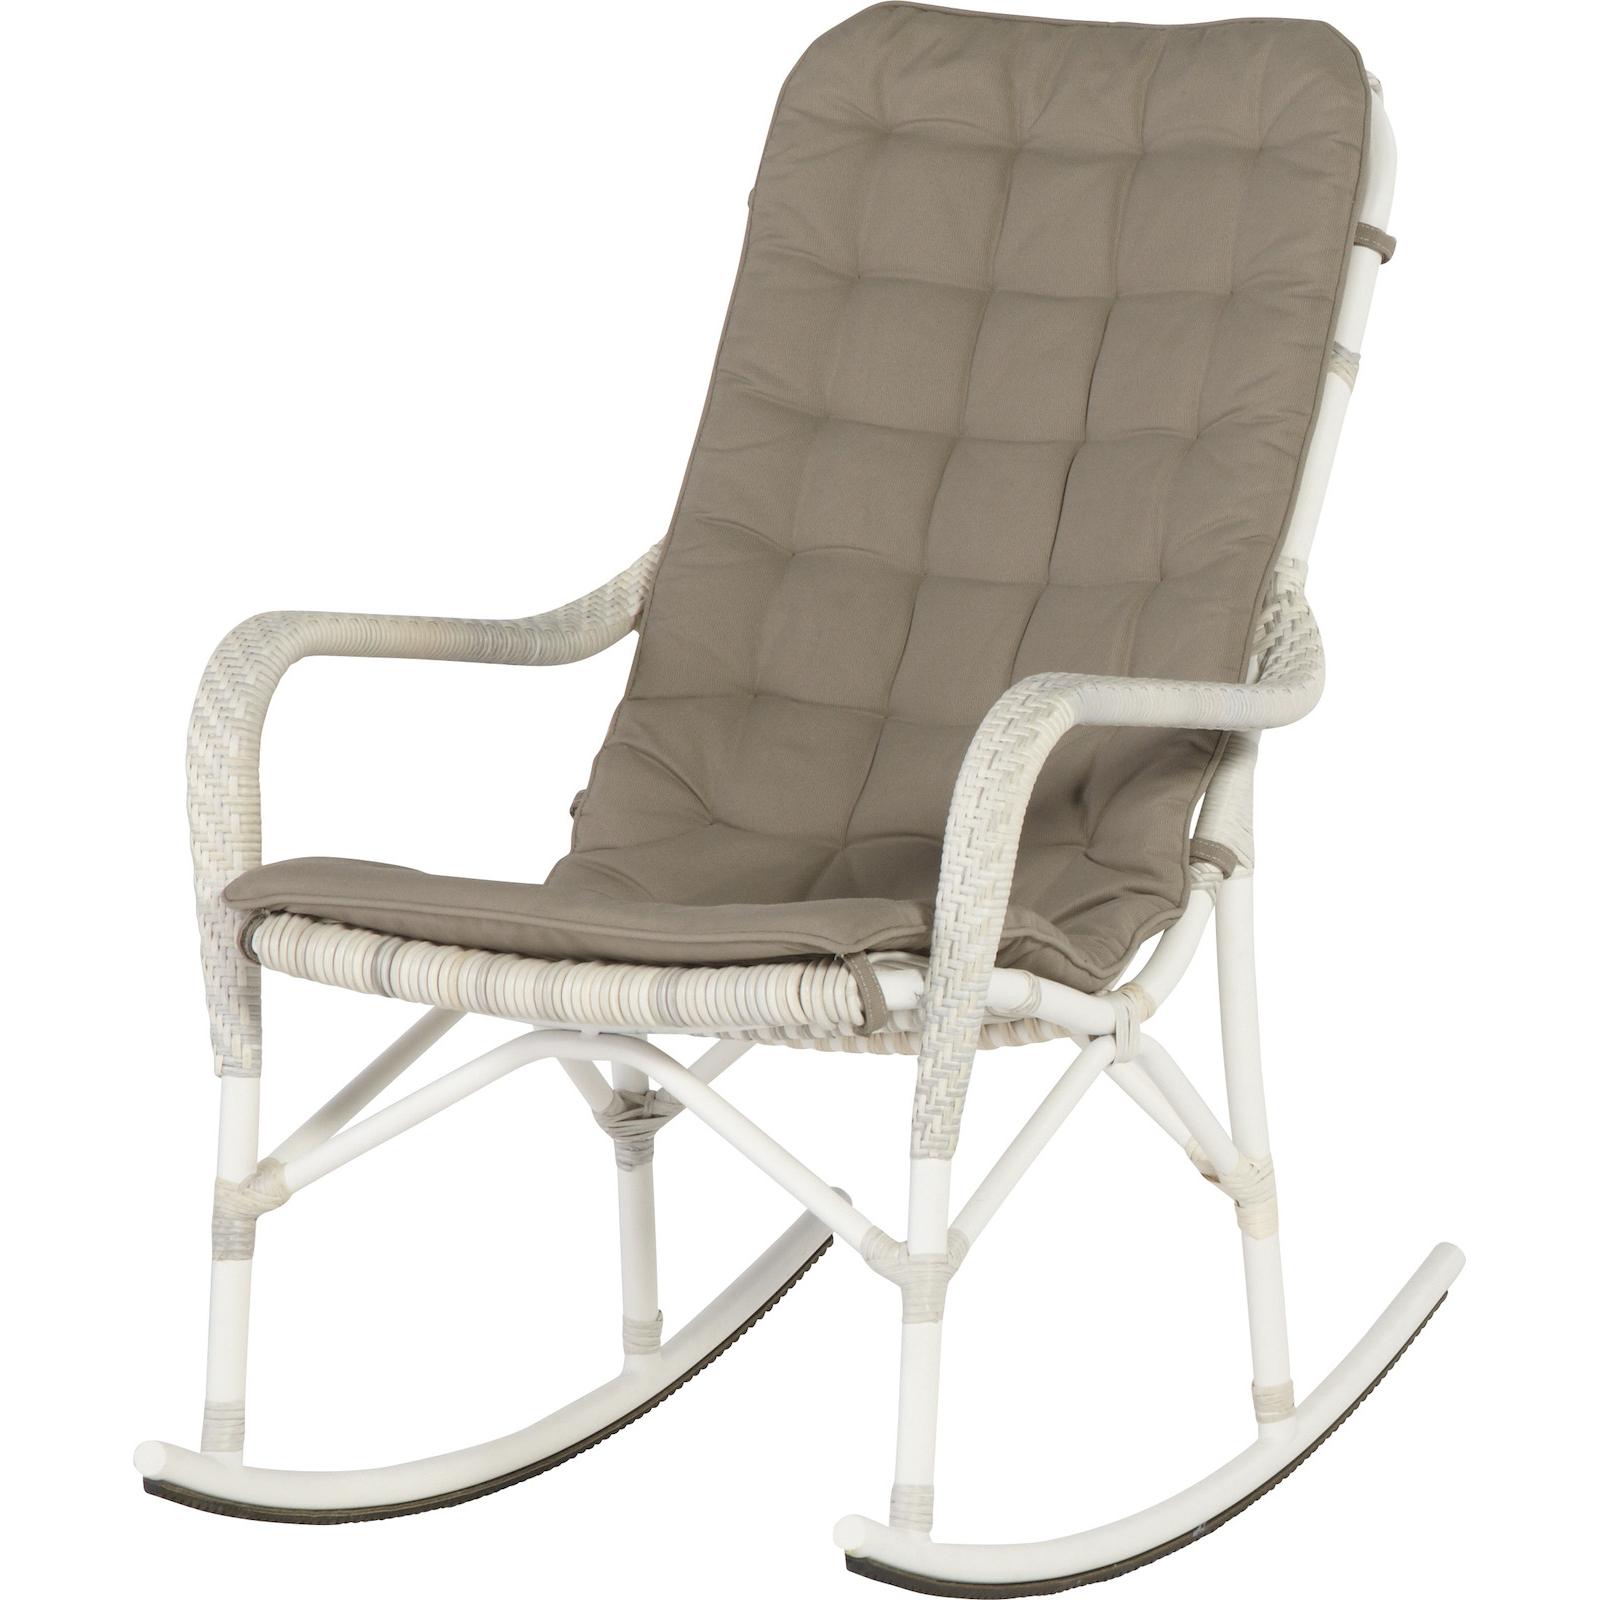 4seasons outdoor olivia rockig chair schaukelstuhl inklusive kissen